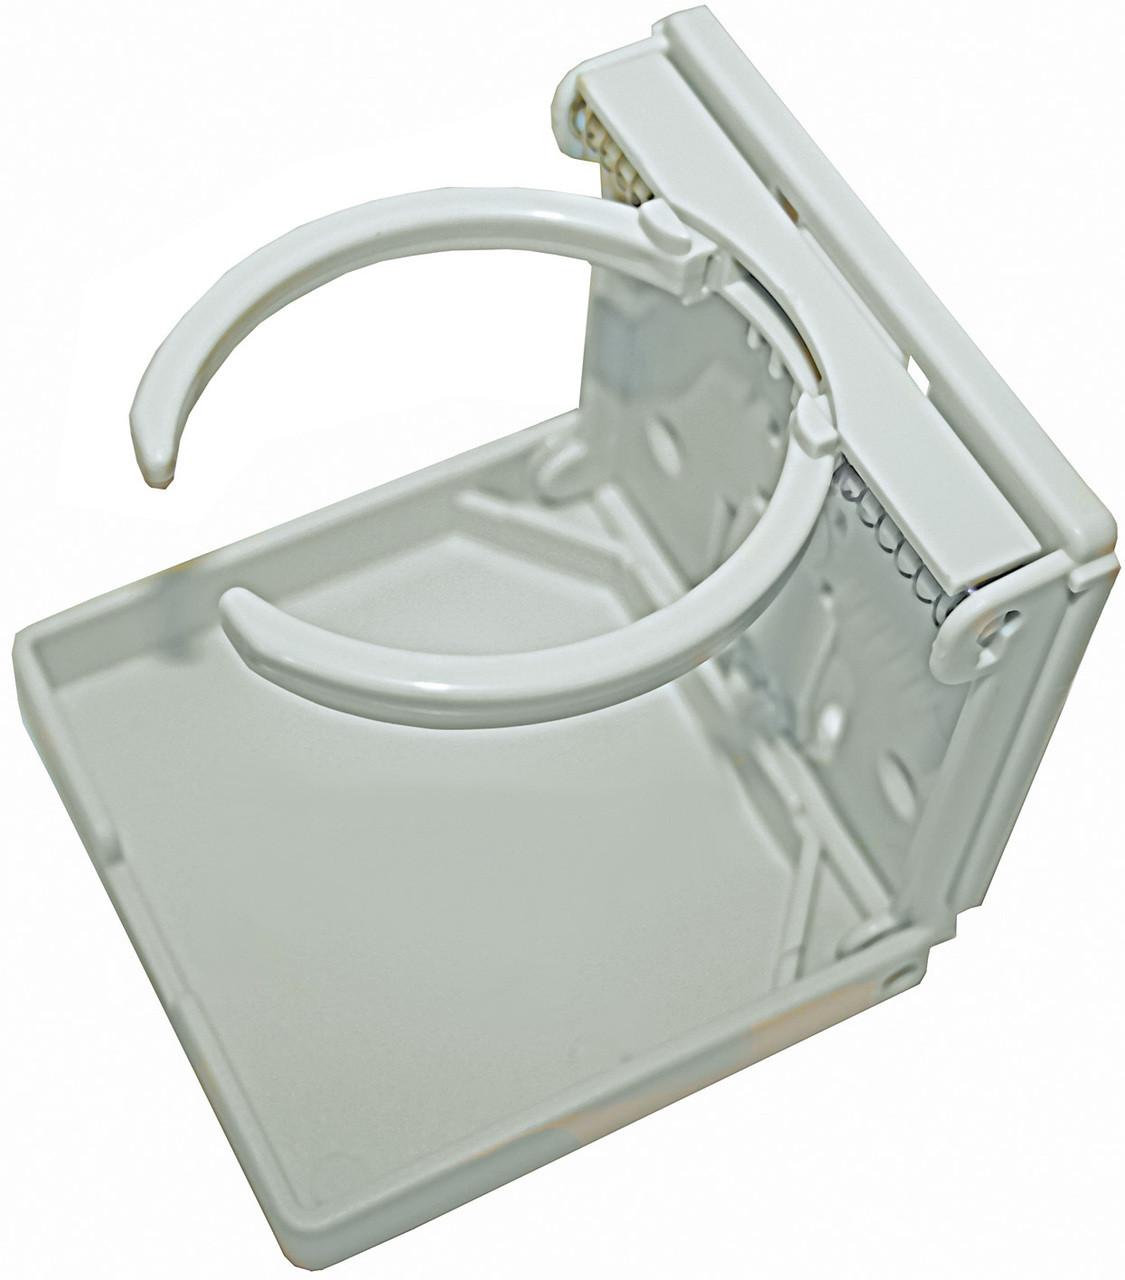 Drink Holder - Folding White